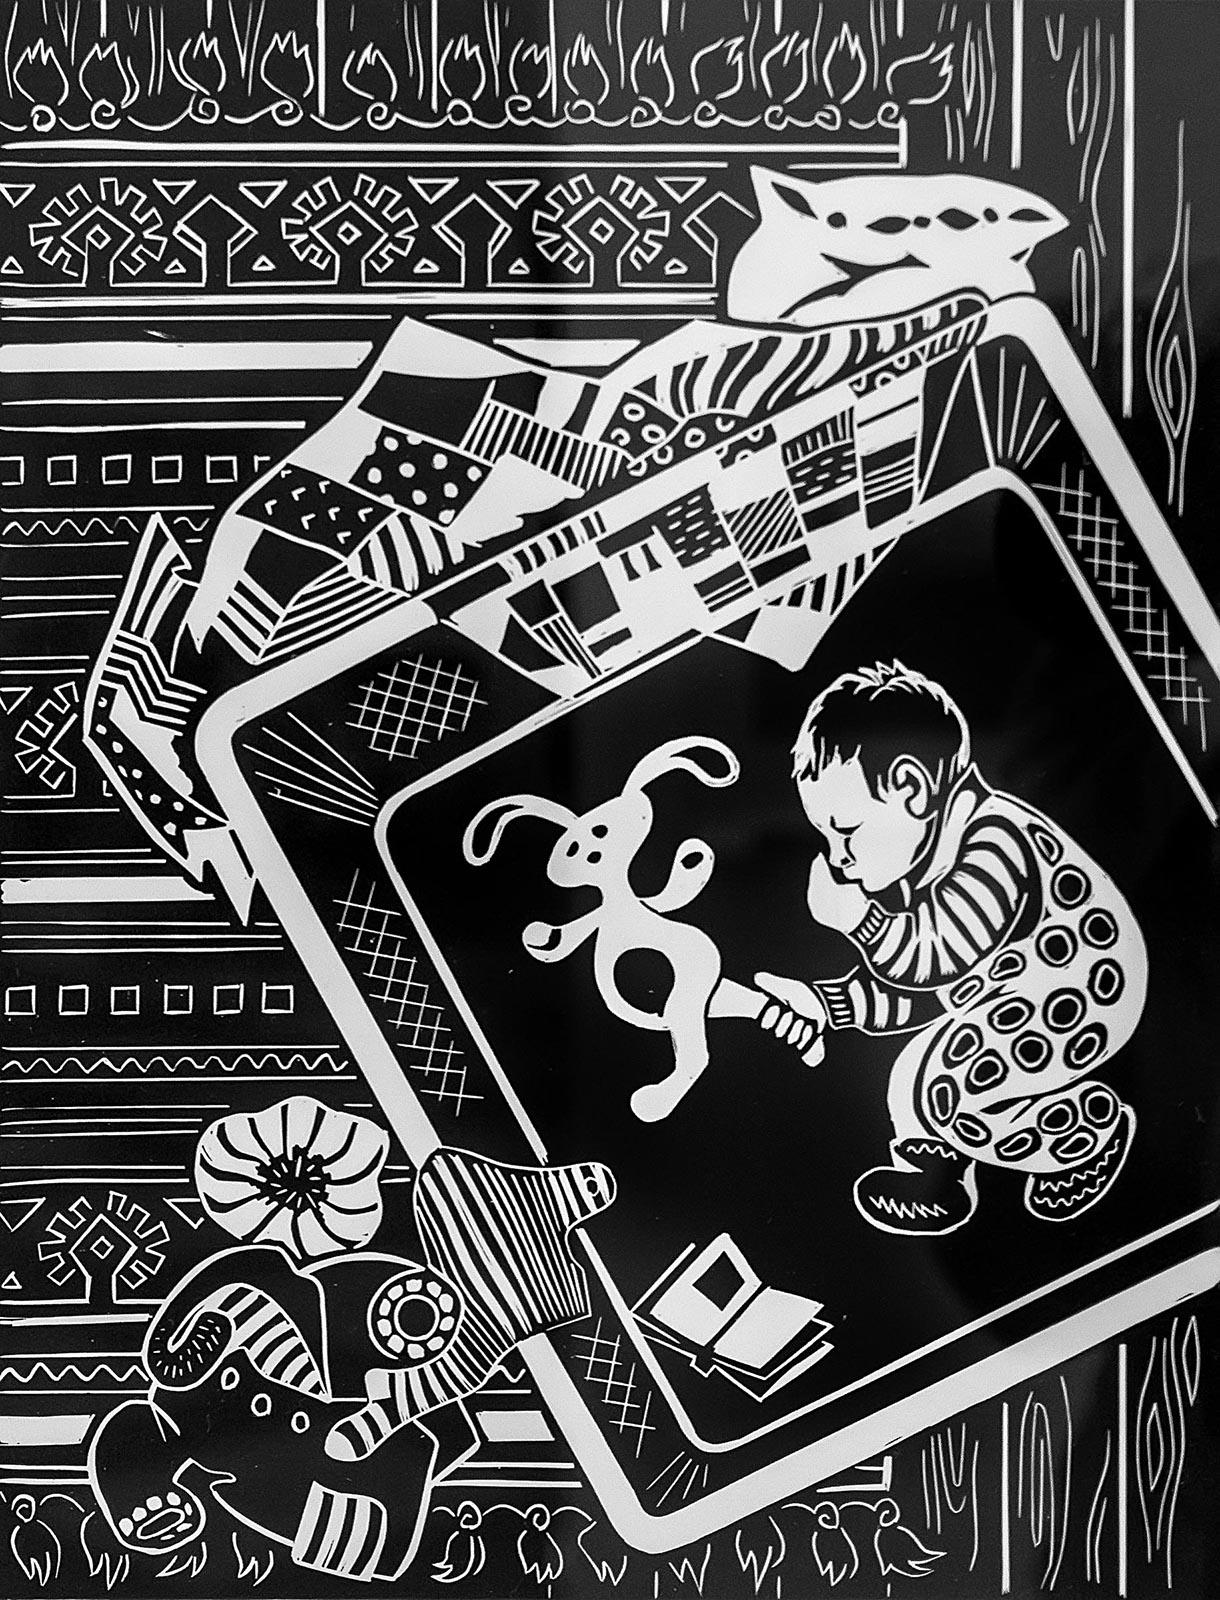 Фото №209289. Киямова Светлана. Серия работ ''Детский мир'' ''В детской''